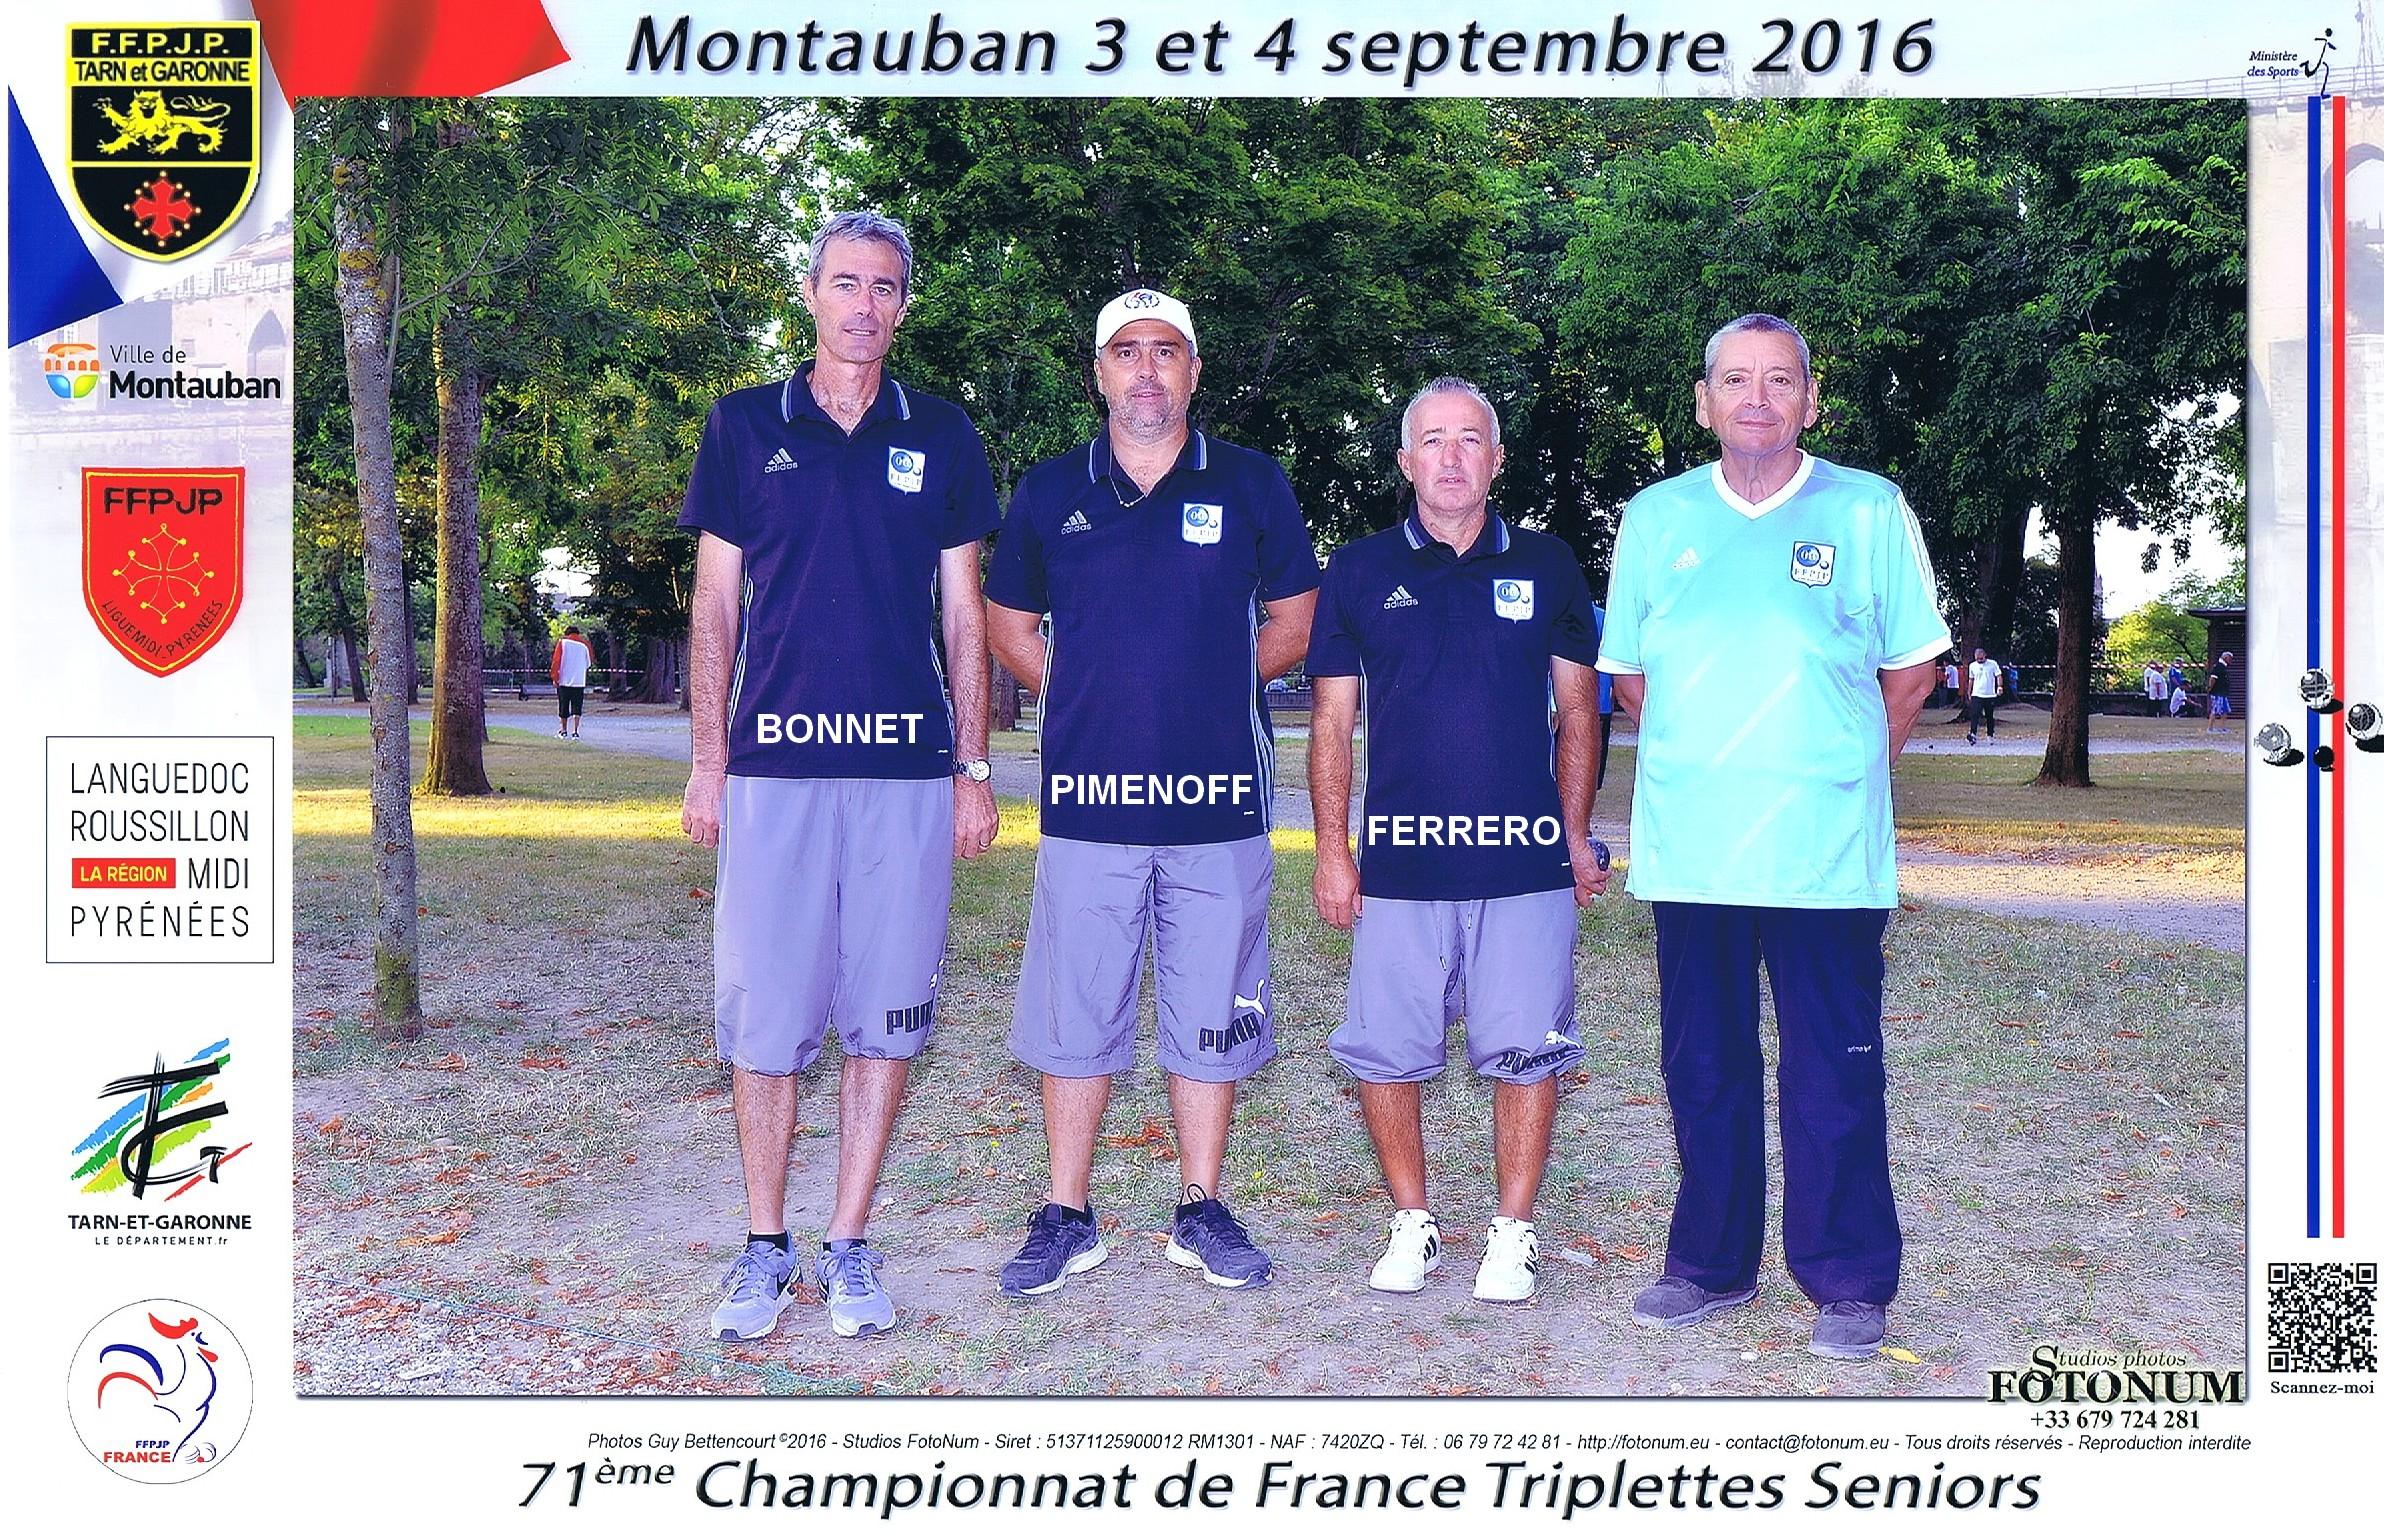 11ème France triplettes à MONTAUBAN perdu en 1/32ème contre COPPA-LABRUE-RANQUINE du 64